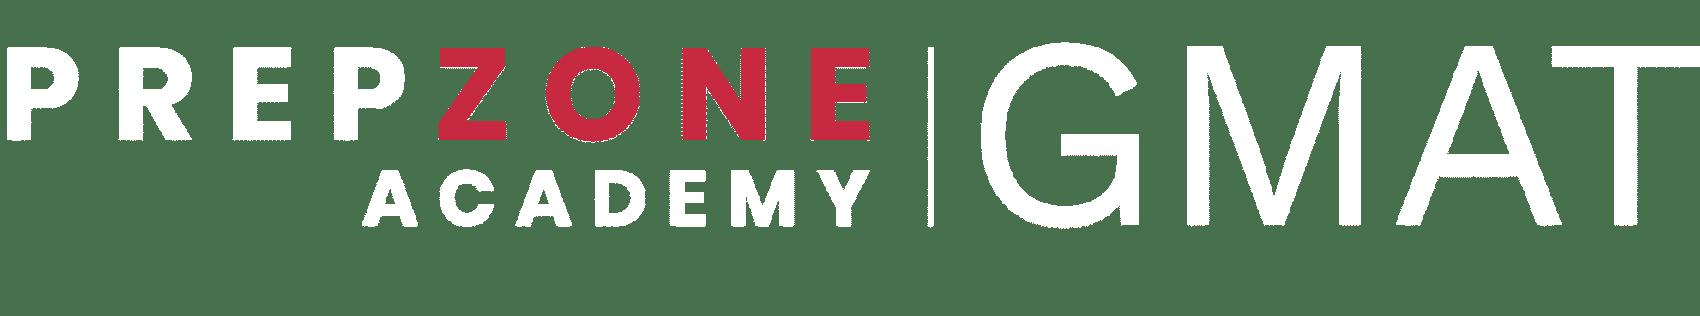 Prep Zone Academy - GMAT Prep Course